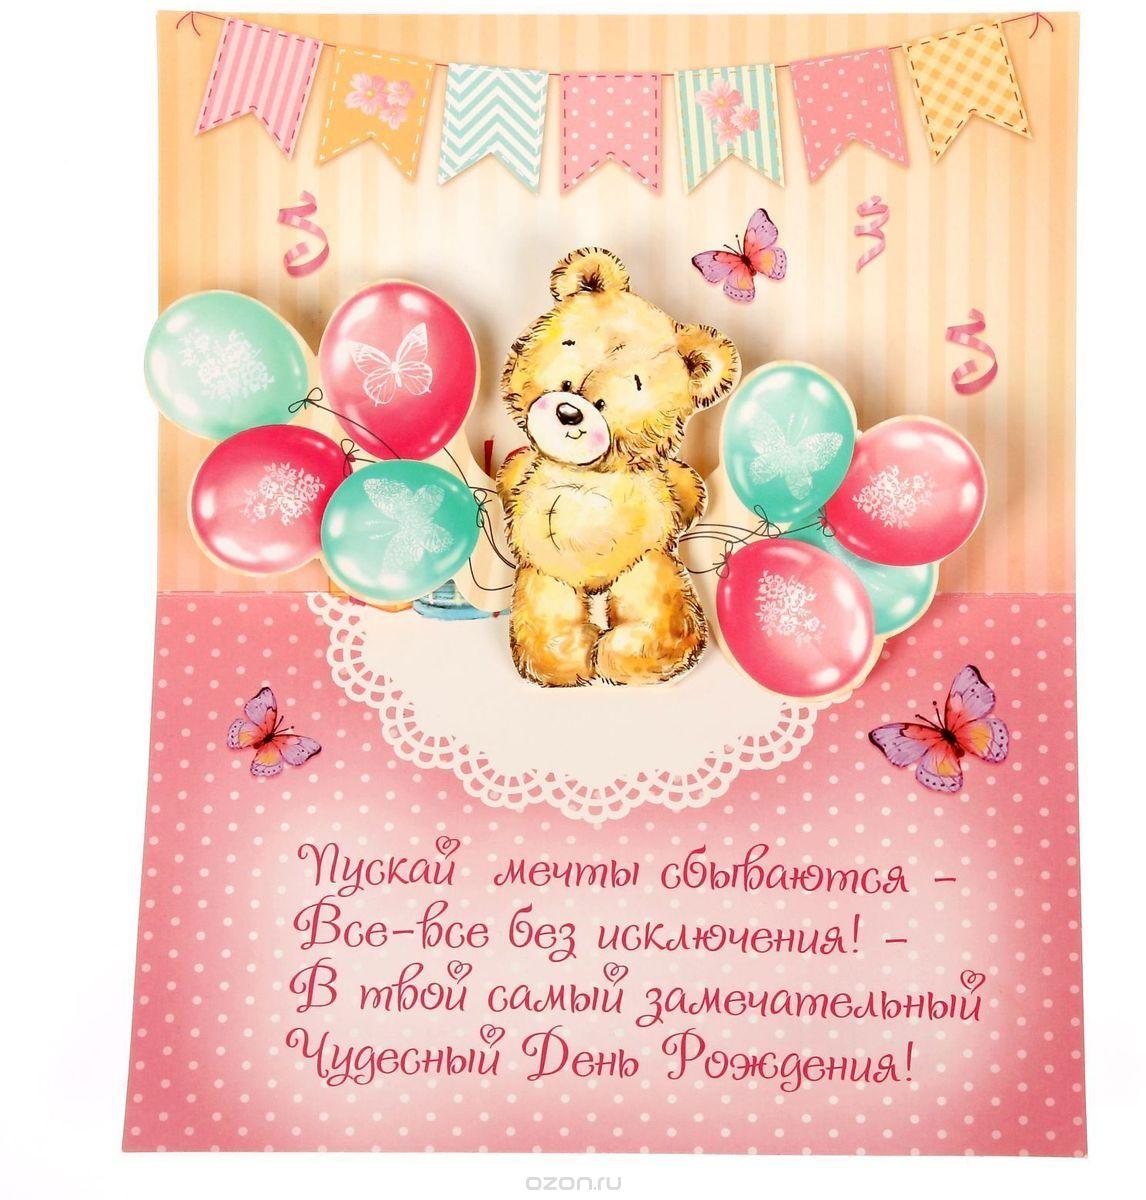 Поздравление ребенка с днем рождения девочку в прозе